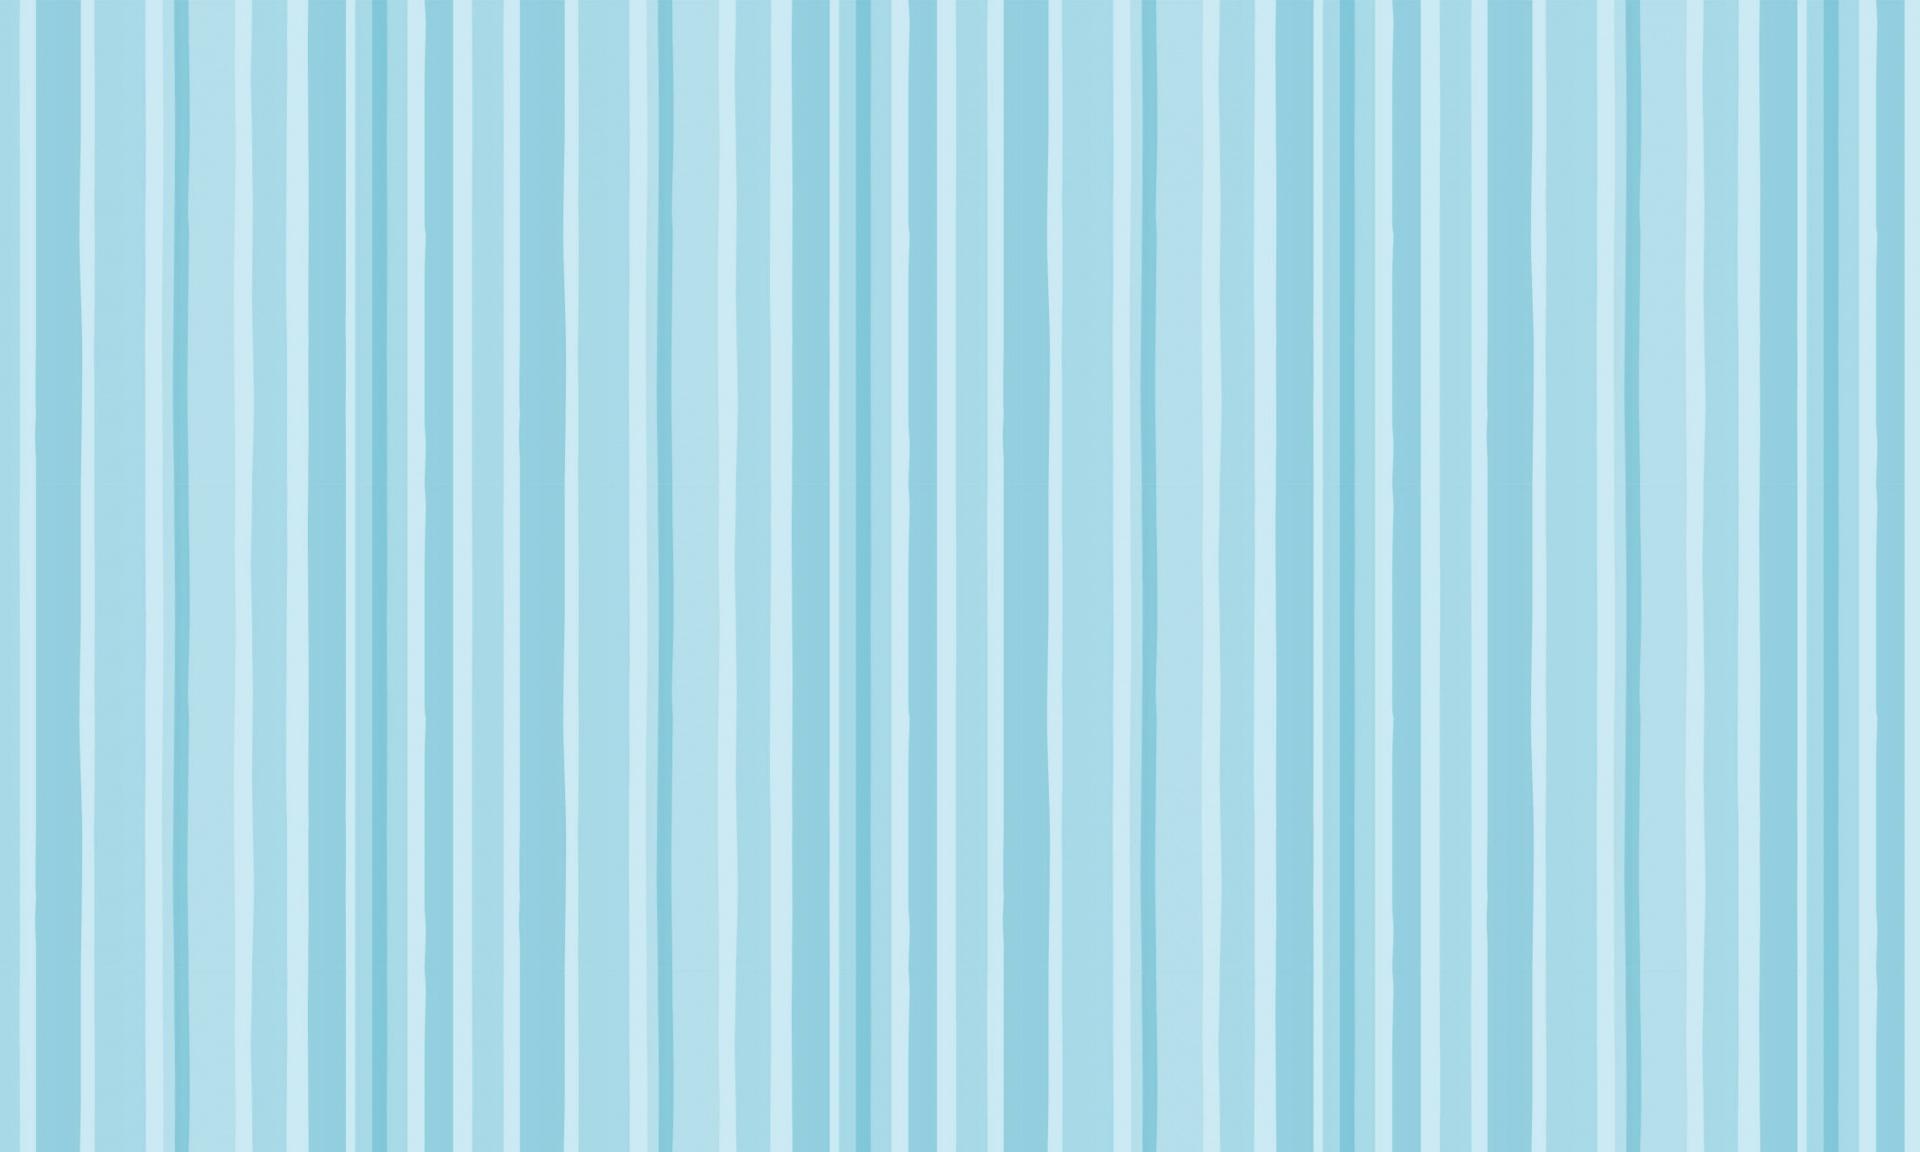 light-blue-stripe-background.jpg